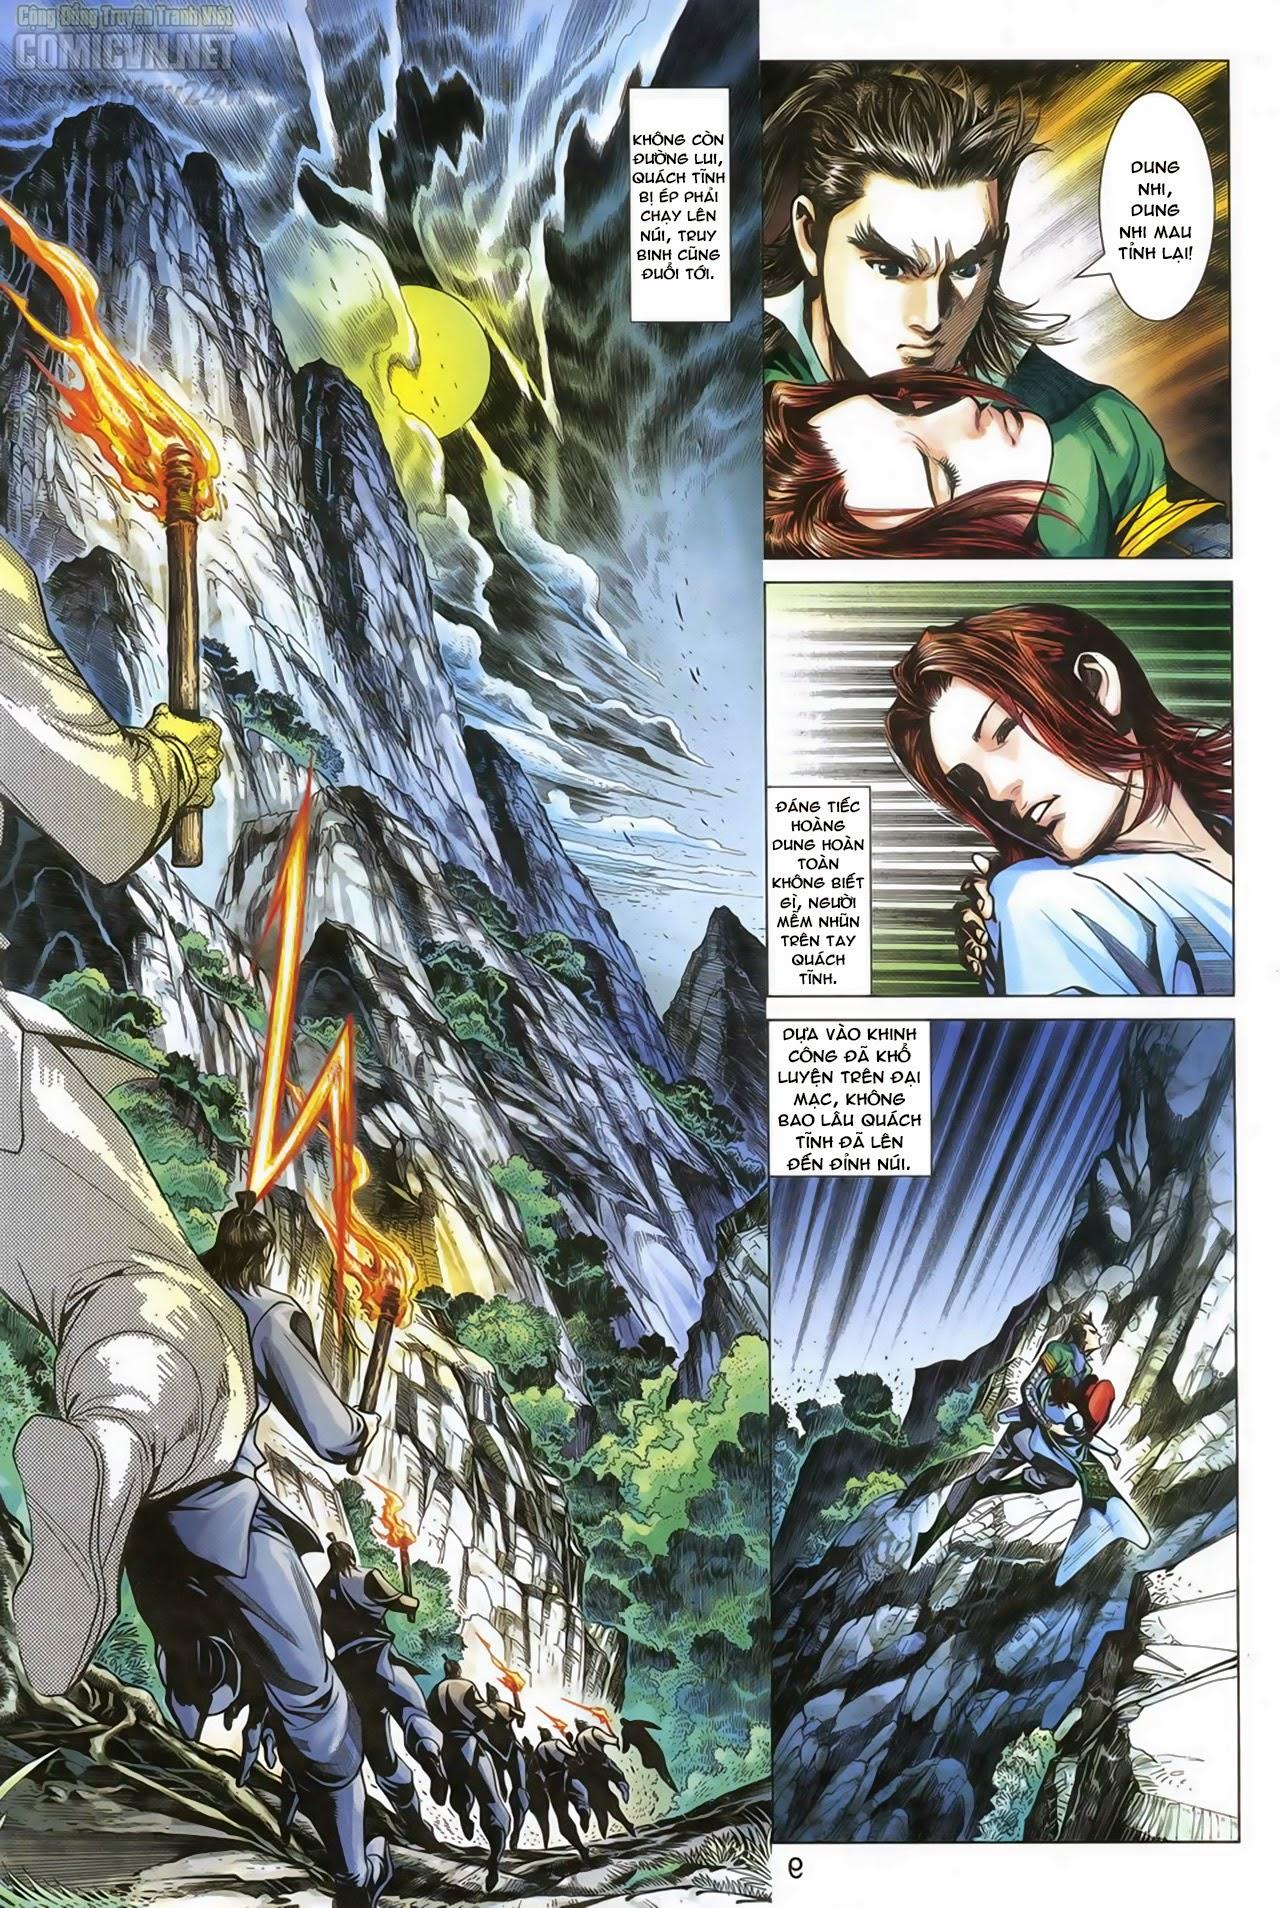 Anh Hùng Xạ Điêu anh hùng xạ đêu chap 69: hồn đoạn thiết chưởng phong trang 10